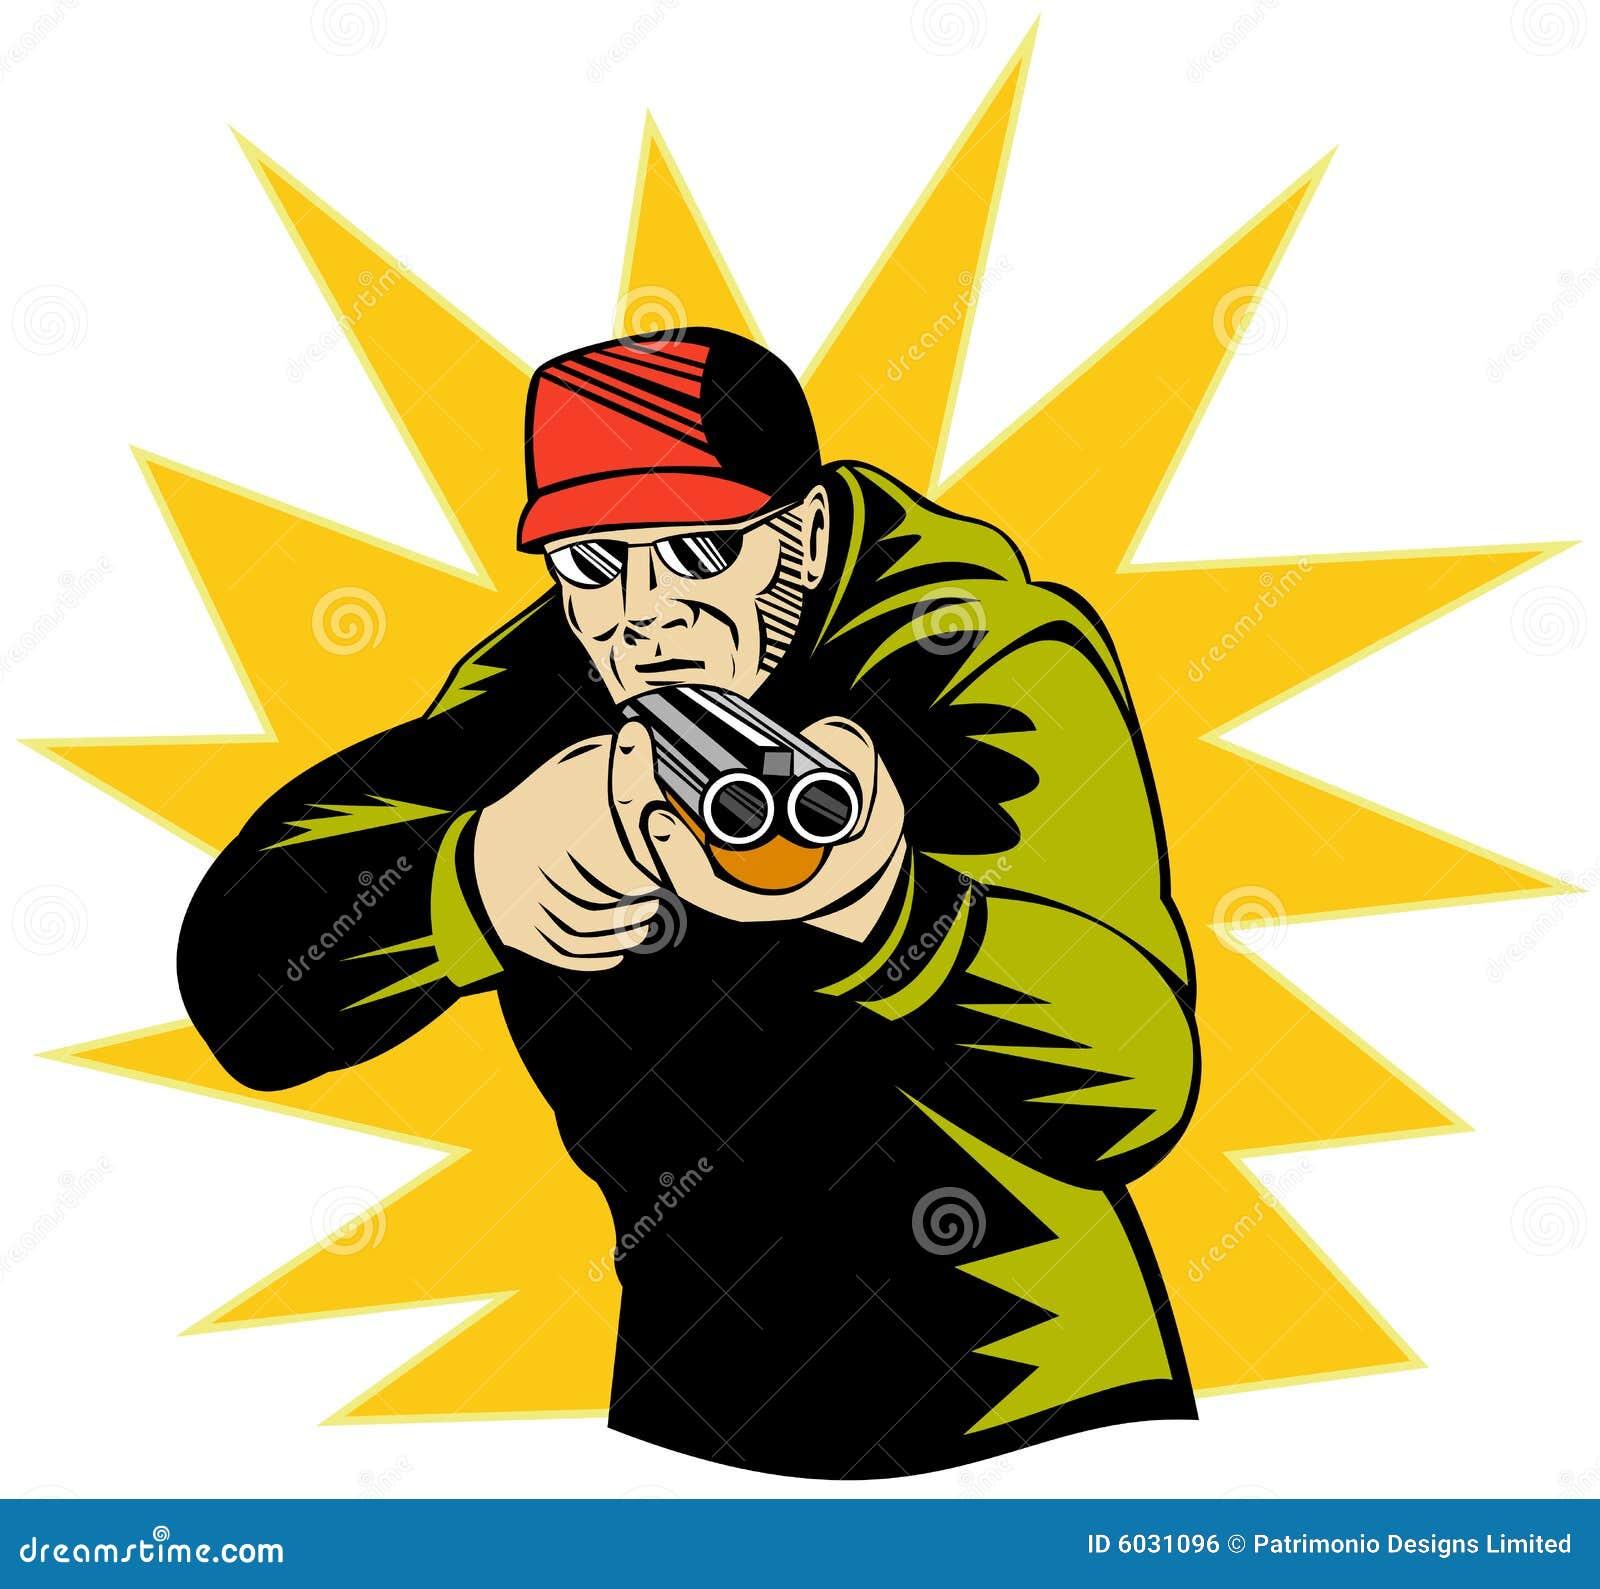 Man Aiming Shotgun At You Royalty Free Stock Image - Image ...